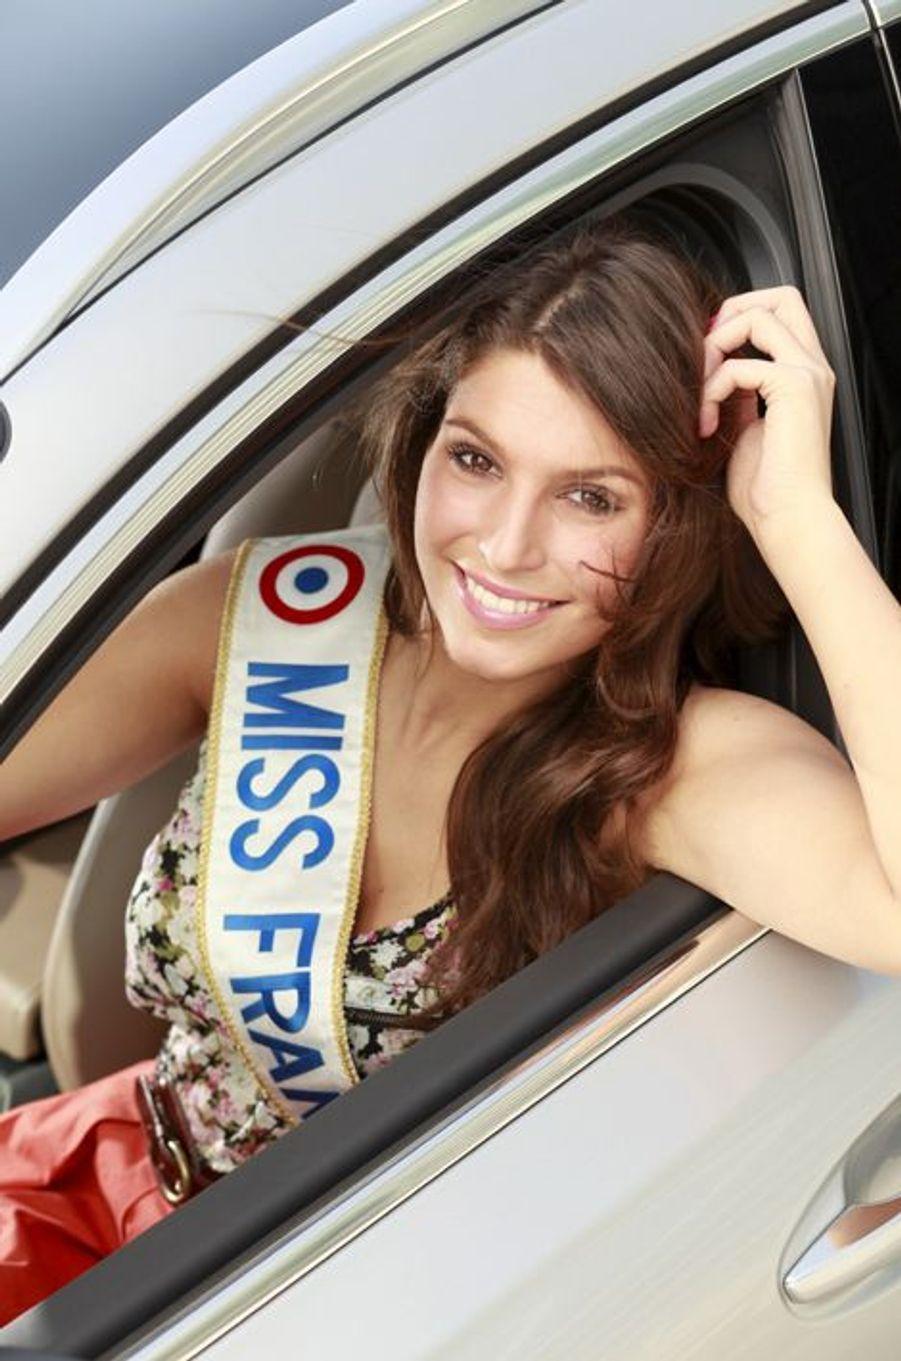 Miss Bretagne 2010, elle fut sacrée le 4 décembre 2010 au Zénith de Caen. Âgée de 19 ans au moment de son élection, Laury Thilleman est par la suite devenue journaliste sportive pour la chaîne Eurosport.